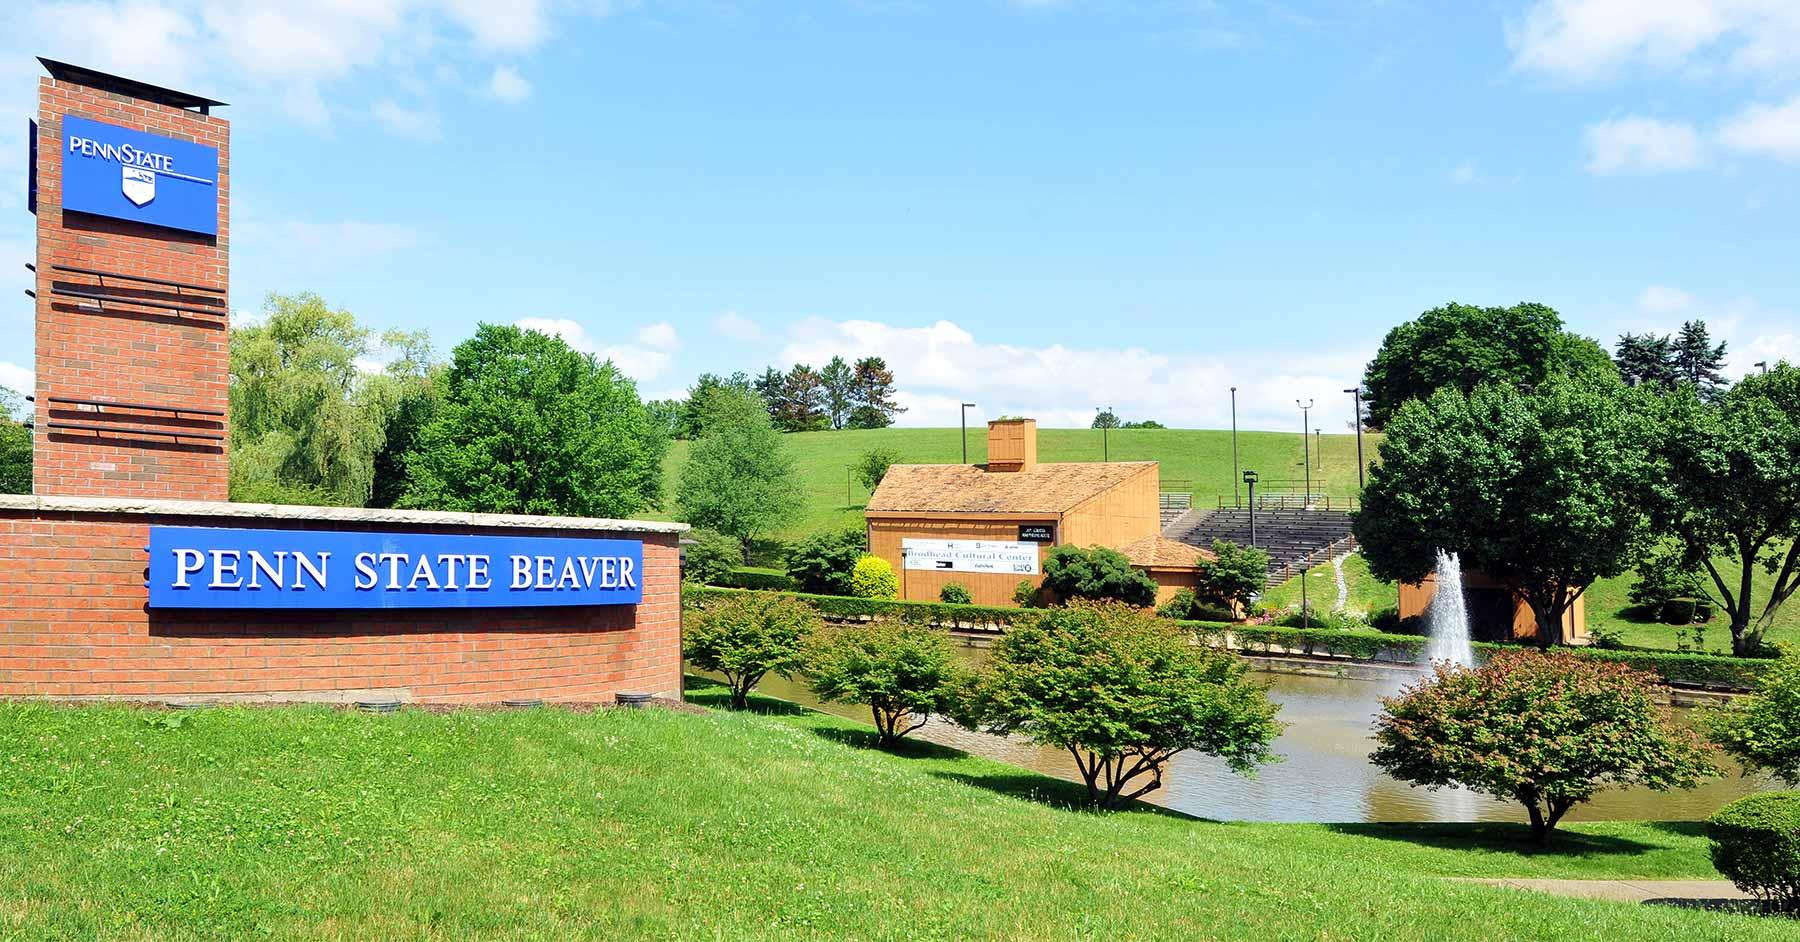 Penn State Beaver - Niche